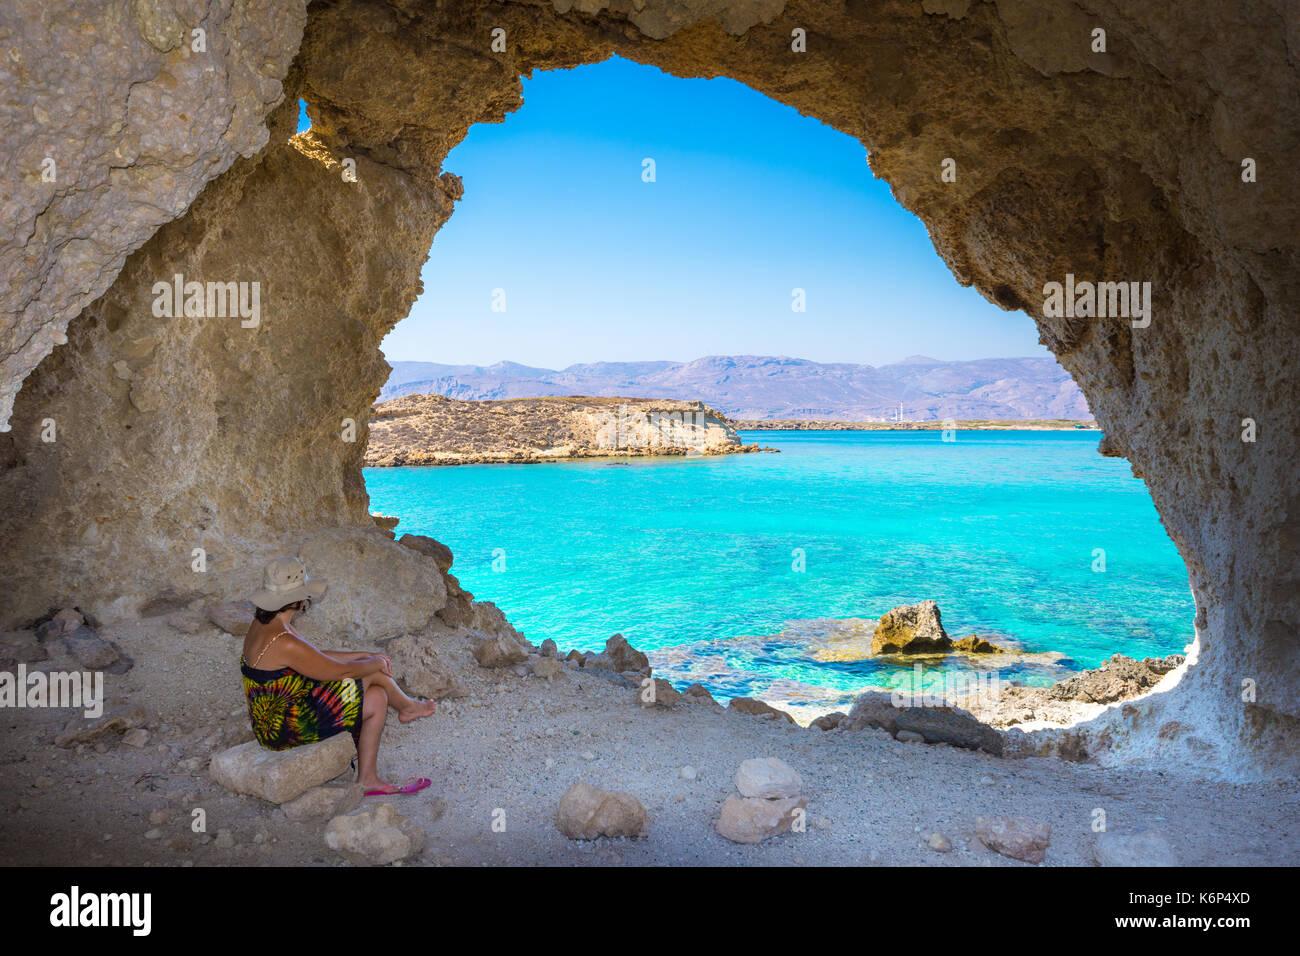 Super Sommer Blick der Frau in einer Höhle auf der Insel Koufonisi mit magischen türkisfarbene Wasser, Stockbild